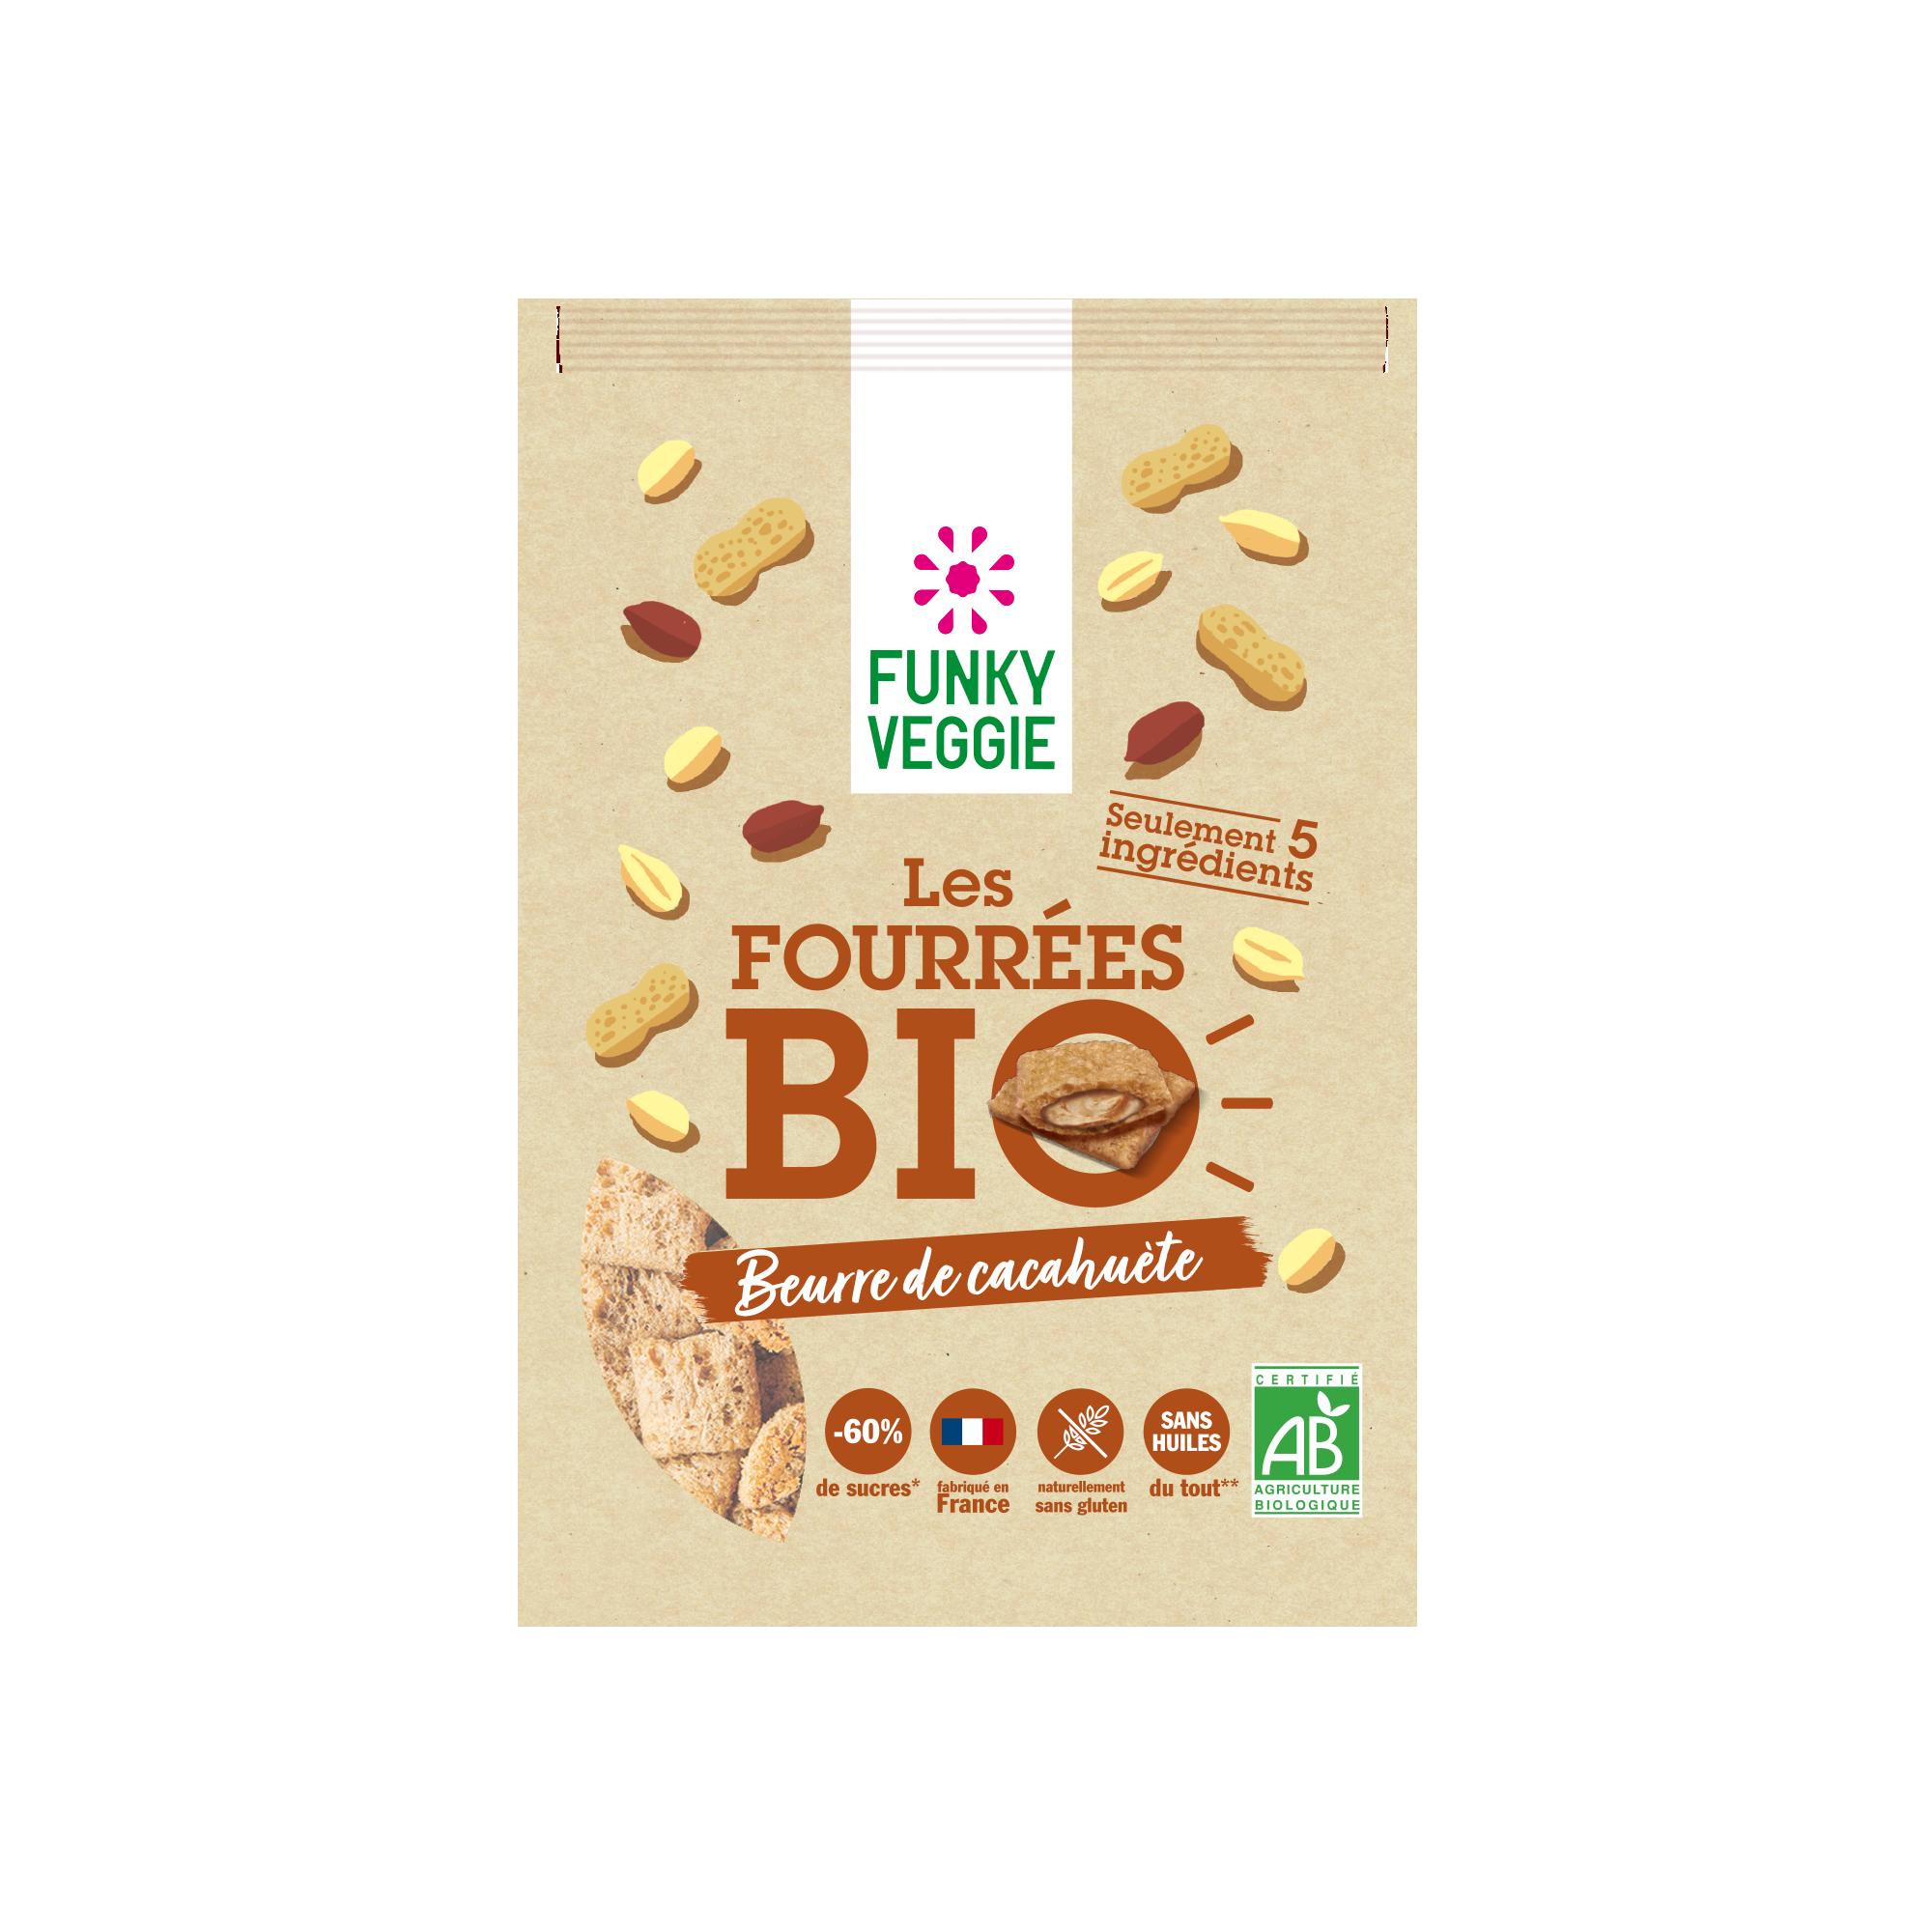 FUNKY VEGGIE Fourrees Bio Cacahuete 495E - FUNKY VEGGIE se lance dans le petit-déjeuner